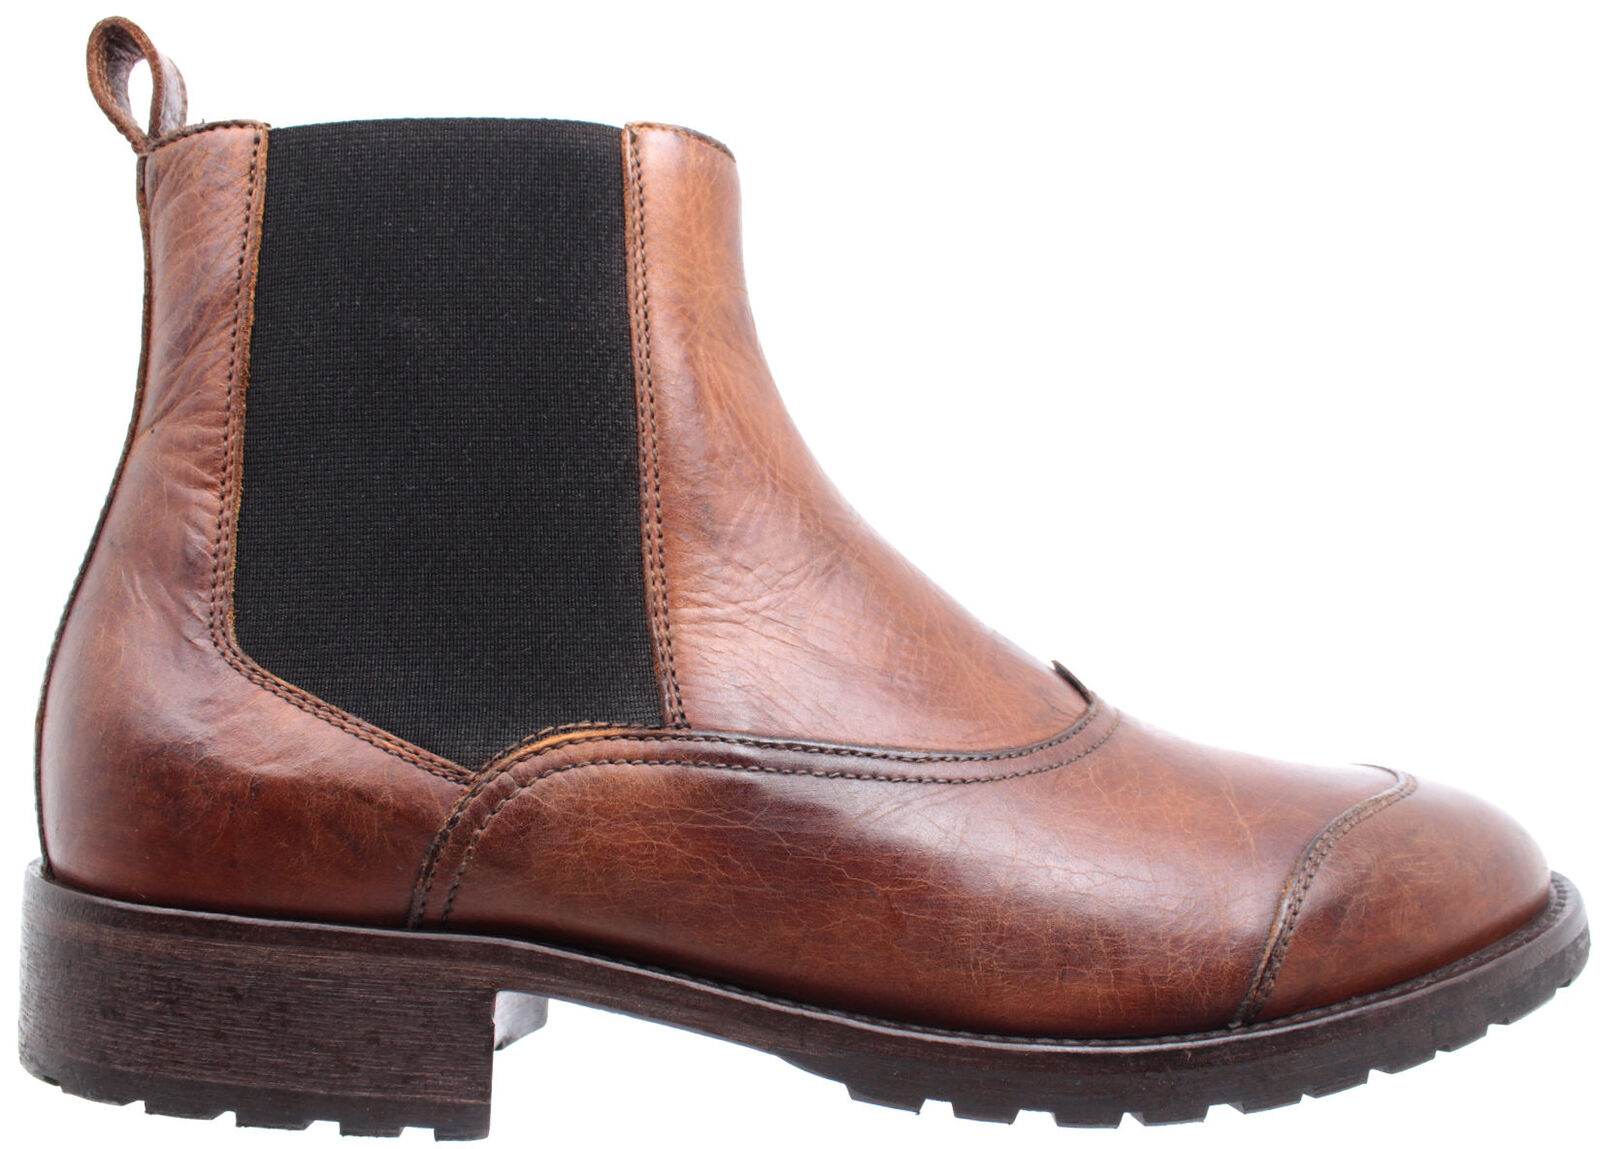 BELSTAFF Para hombre Zapatos botas al Tobillo 77800231 Ladbroke Cognac Cuero Hecho en Italia